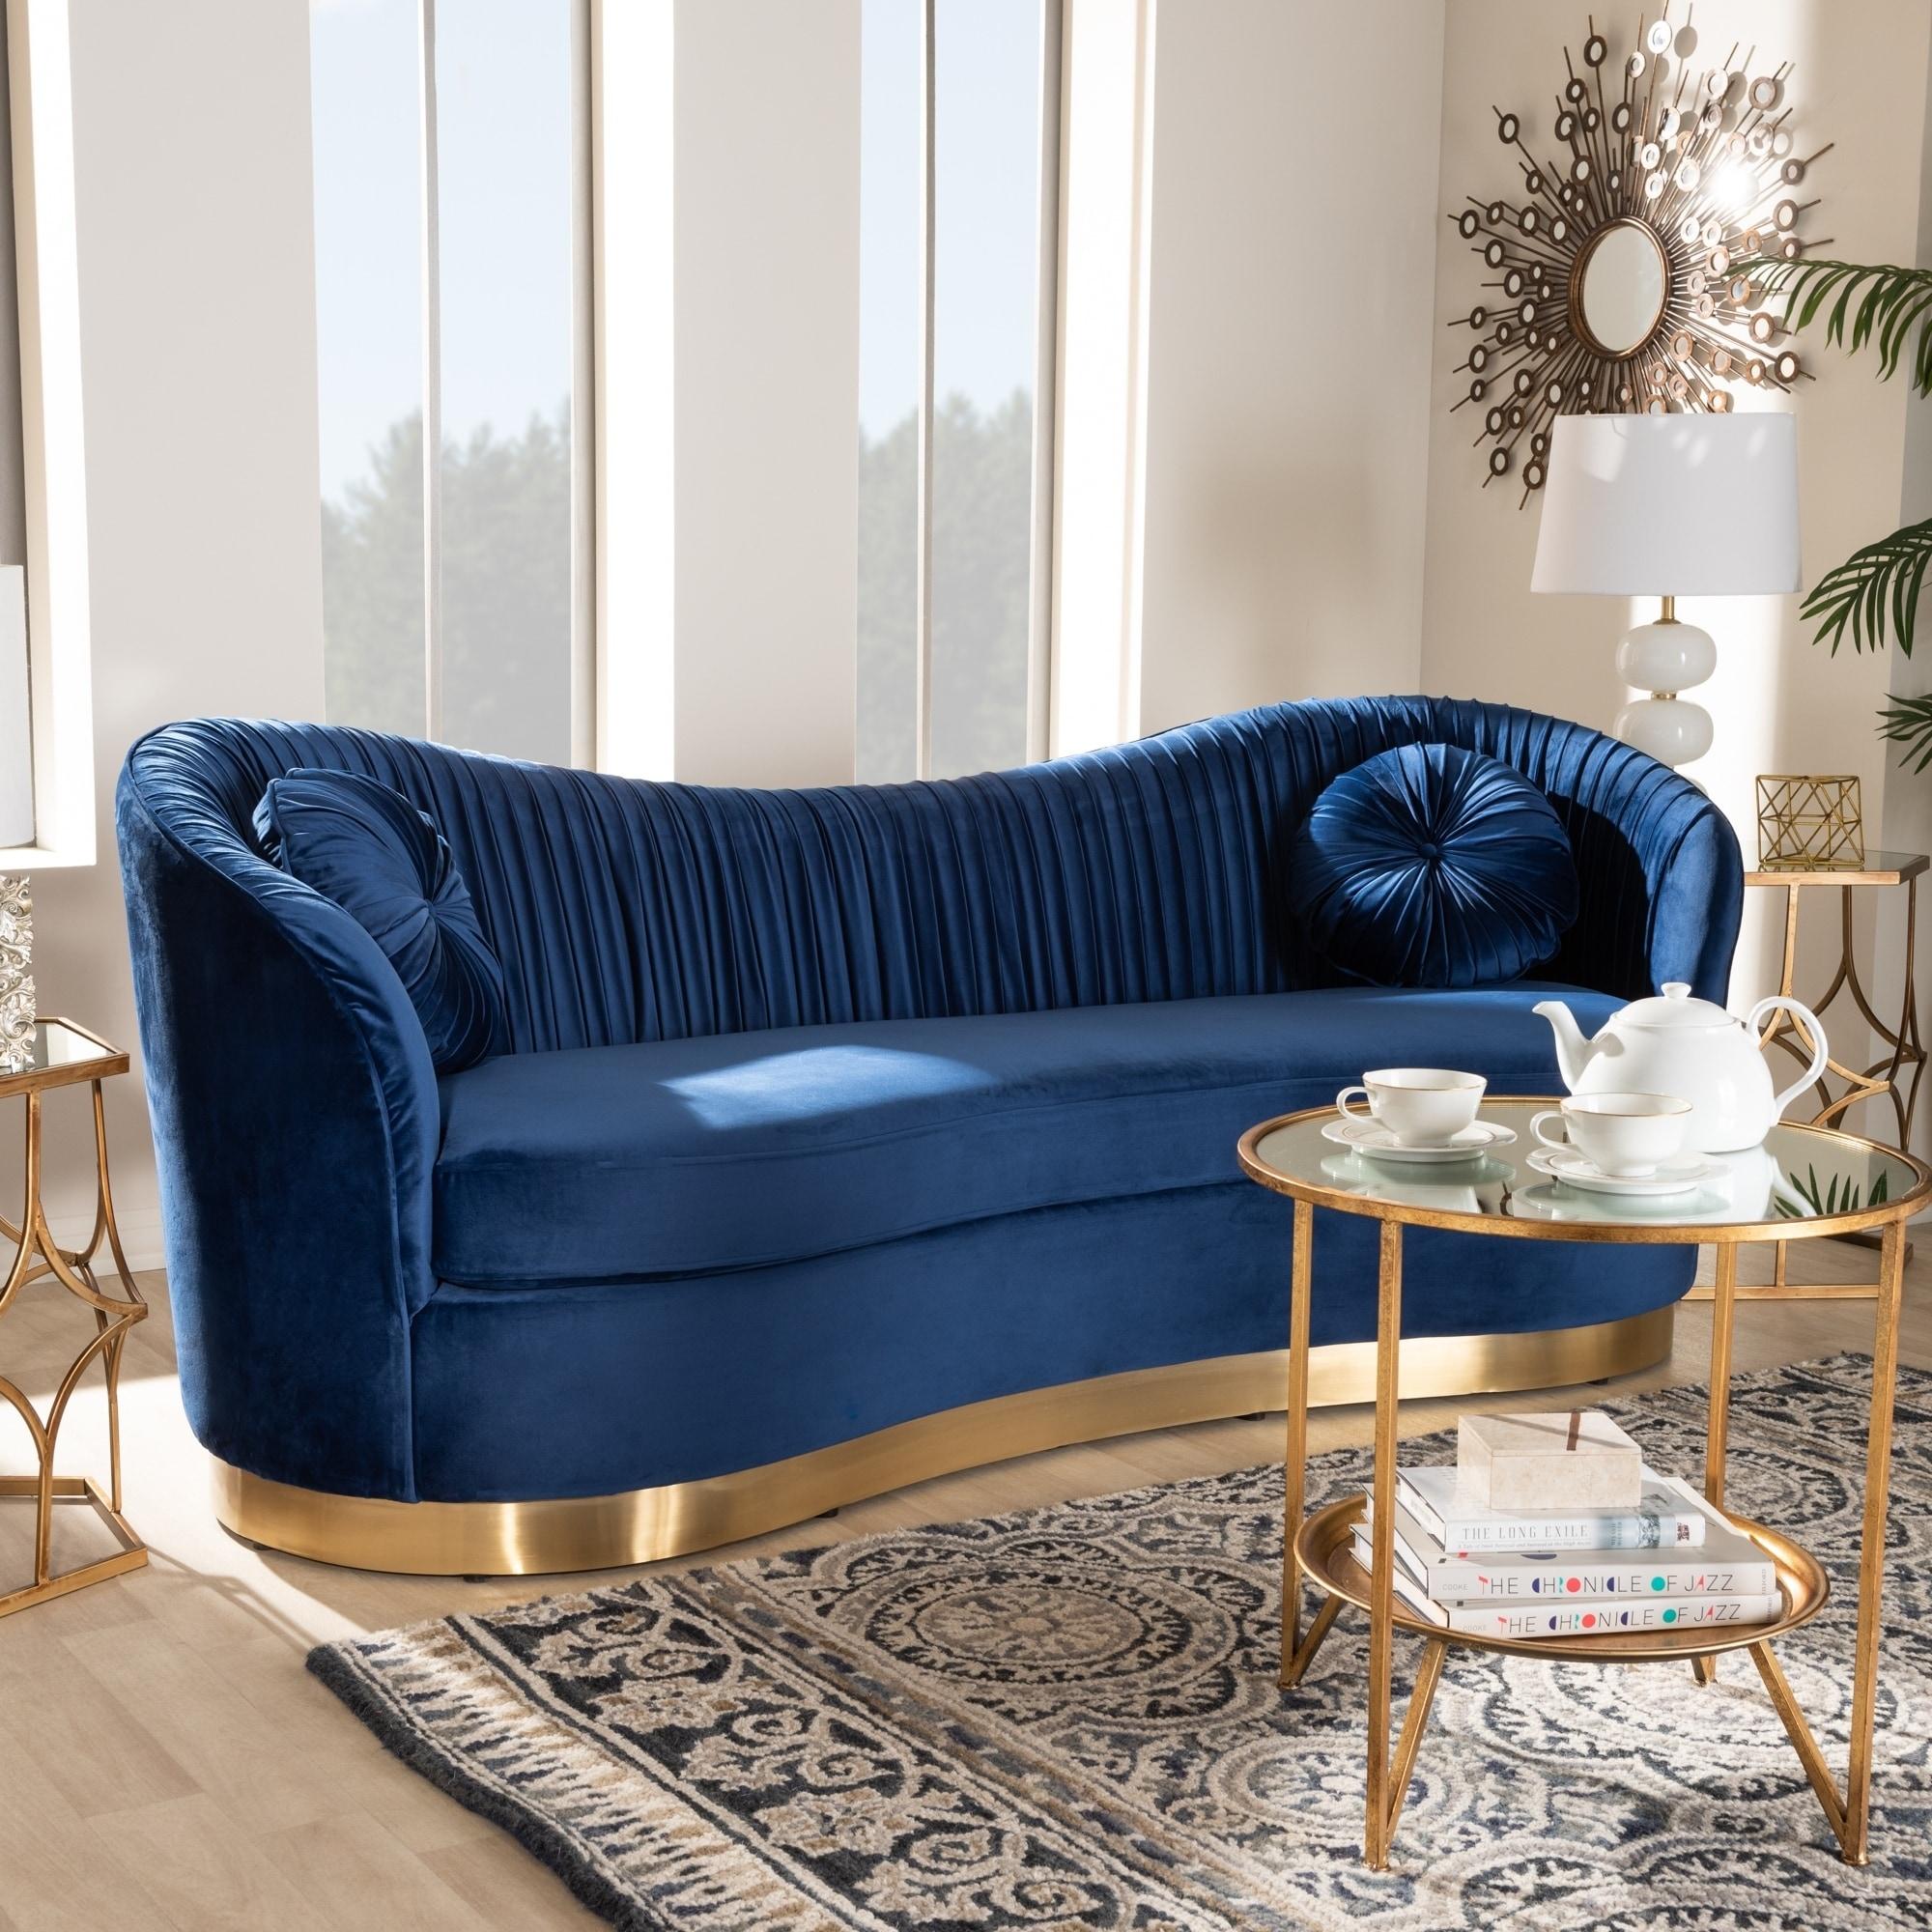 Glam Royal Blue Velvet Fabric Upholstered Sofa